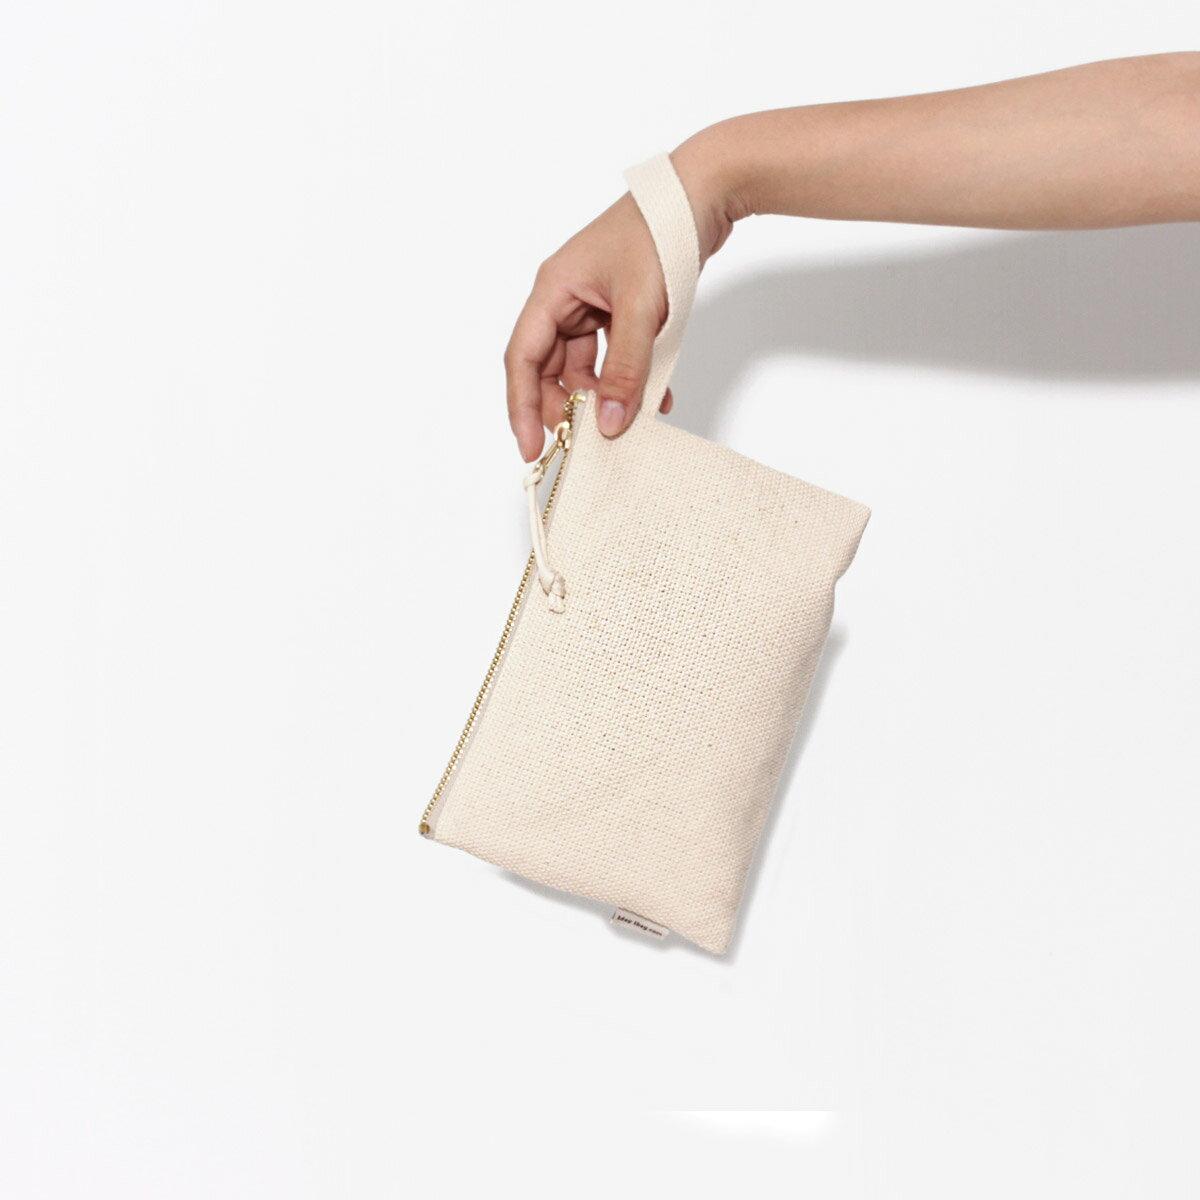 [A5手拿包-原色腕帶] 手拿包/化妝包/零錢包/拉鍊袋/帆布包/Eco包/1day1bag